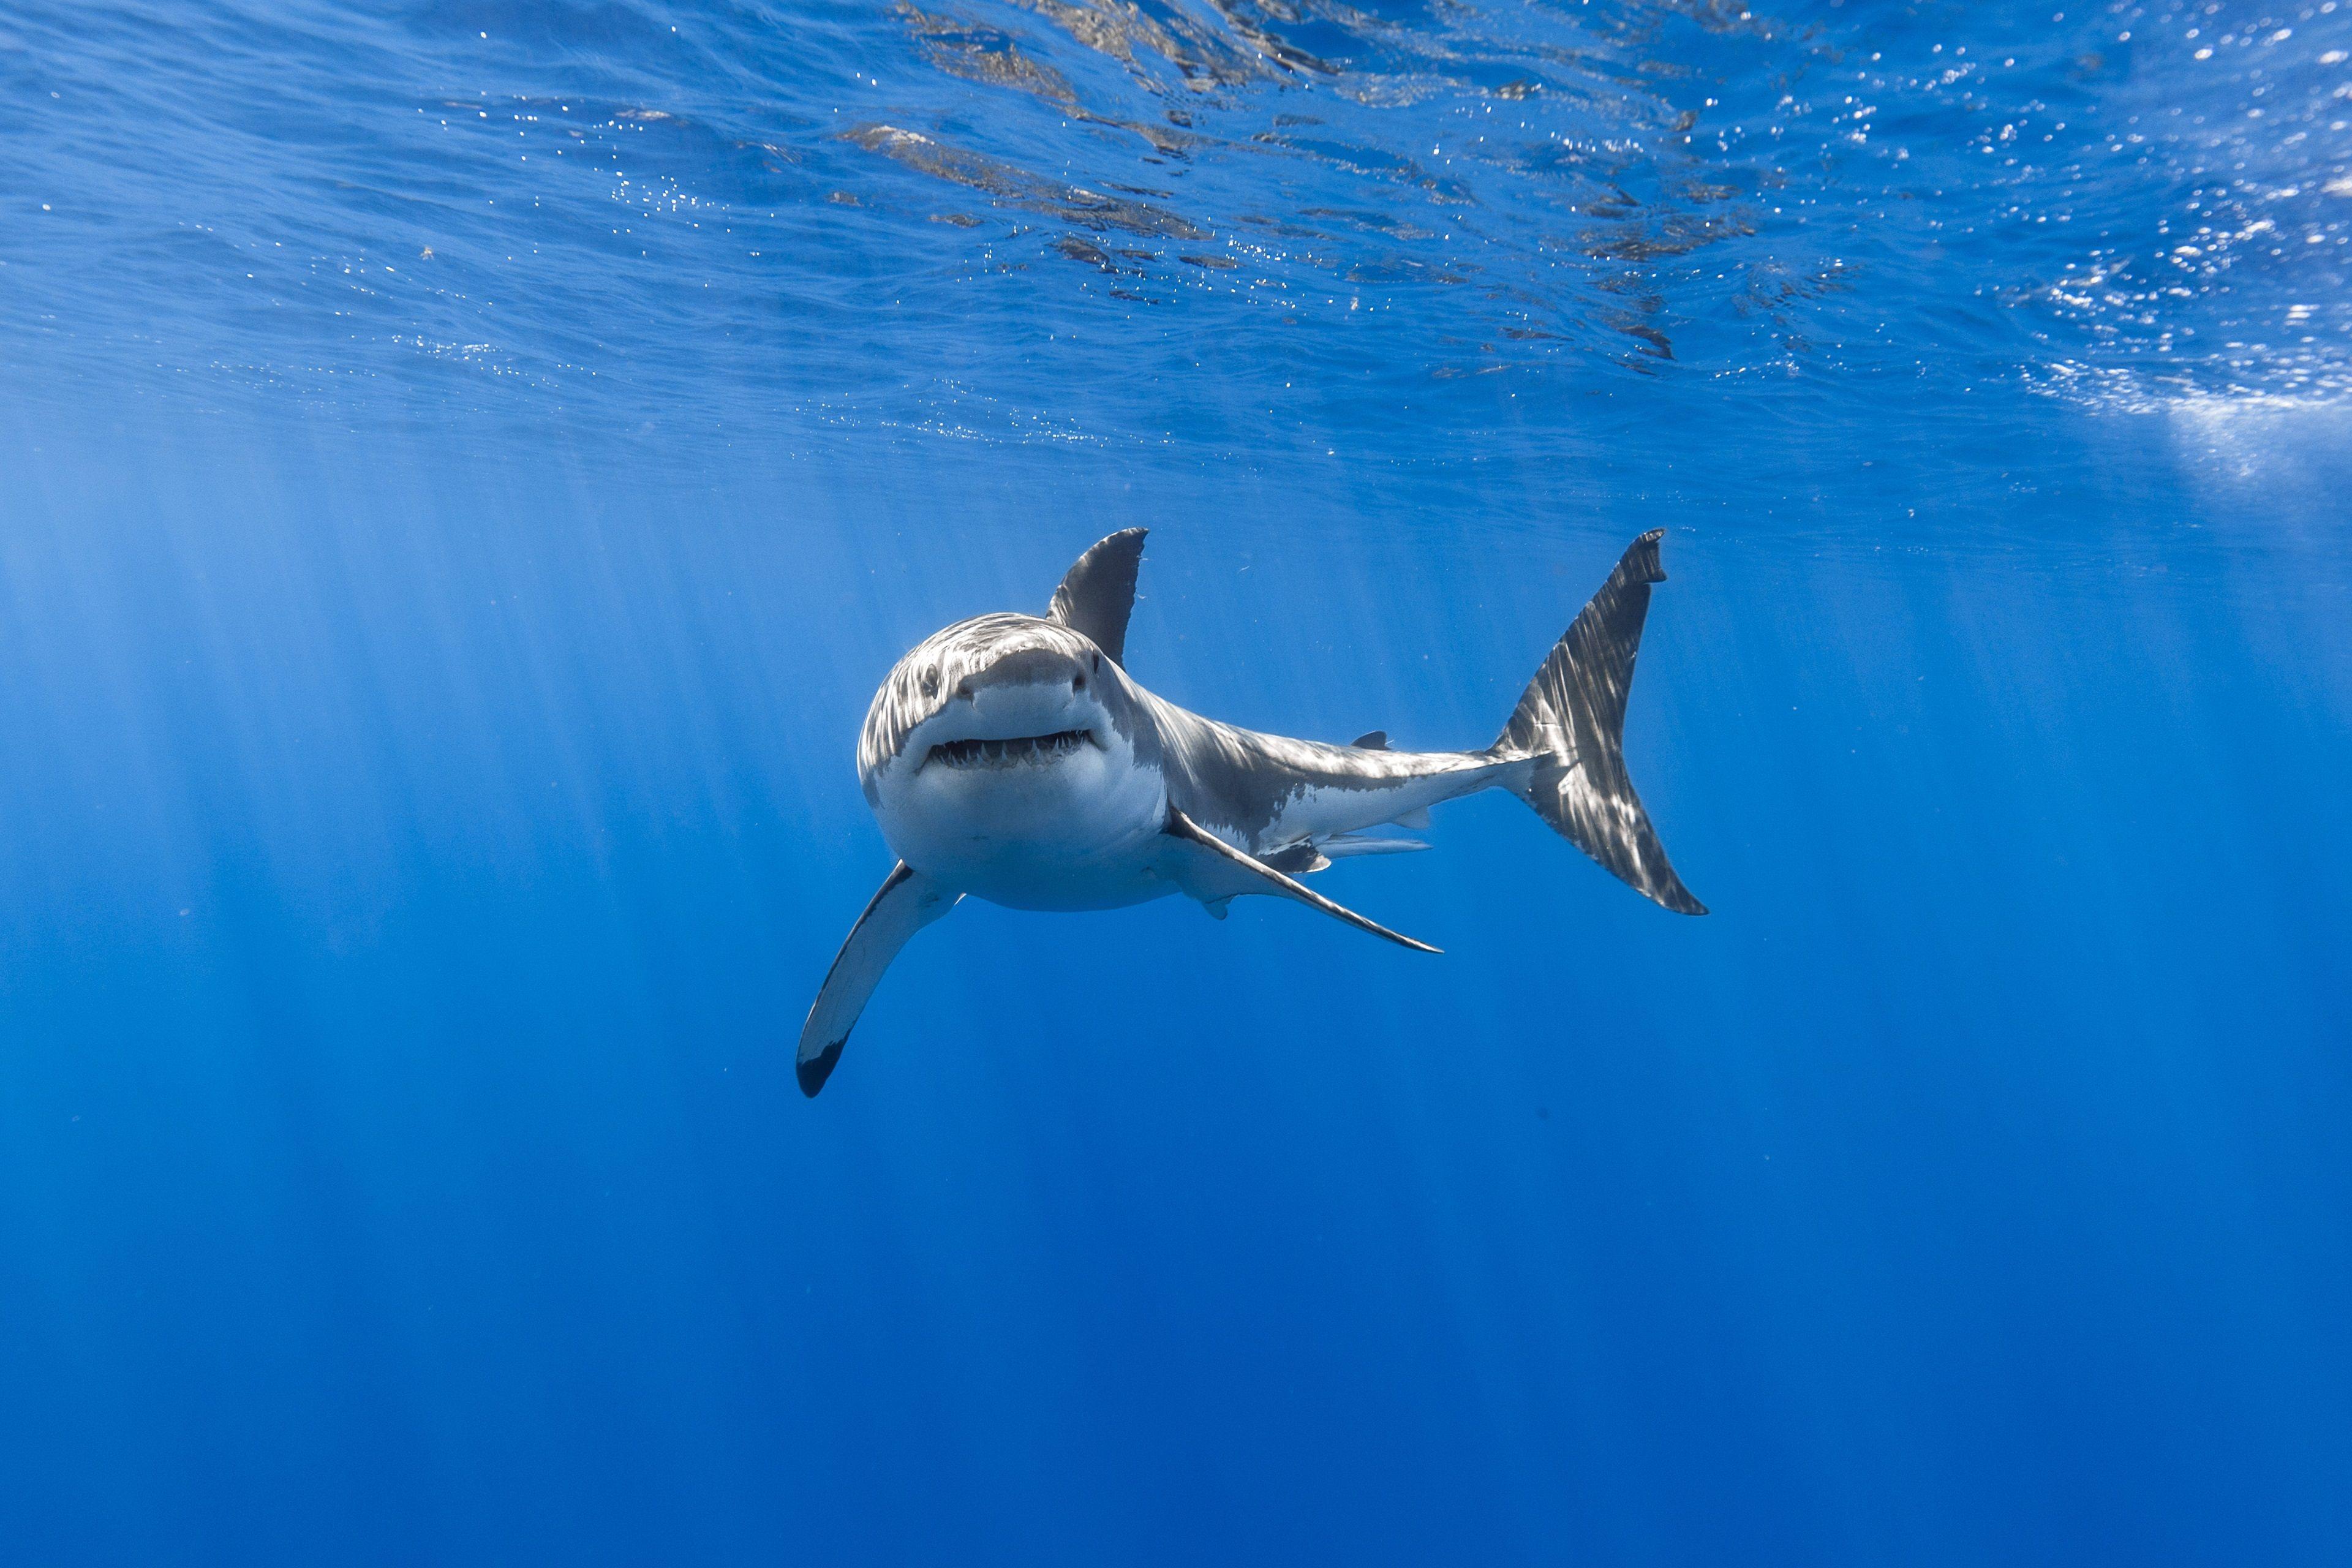 3840x2560 great white shark 4k desktop wallpapers hd free